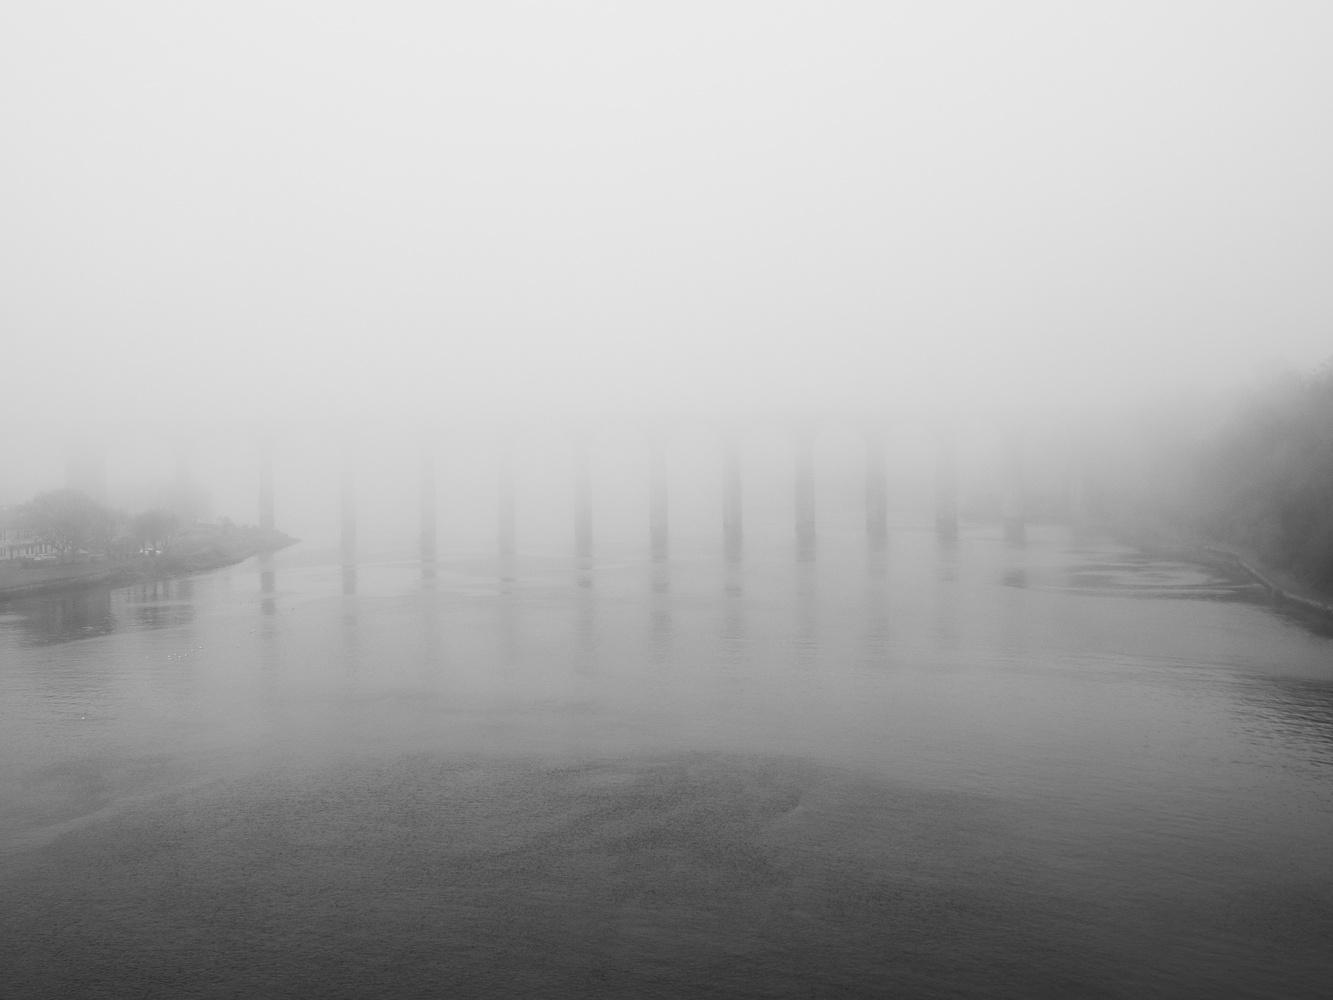 In the fog by Tomasz Kowalski